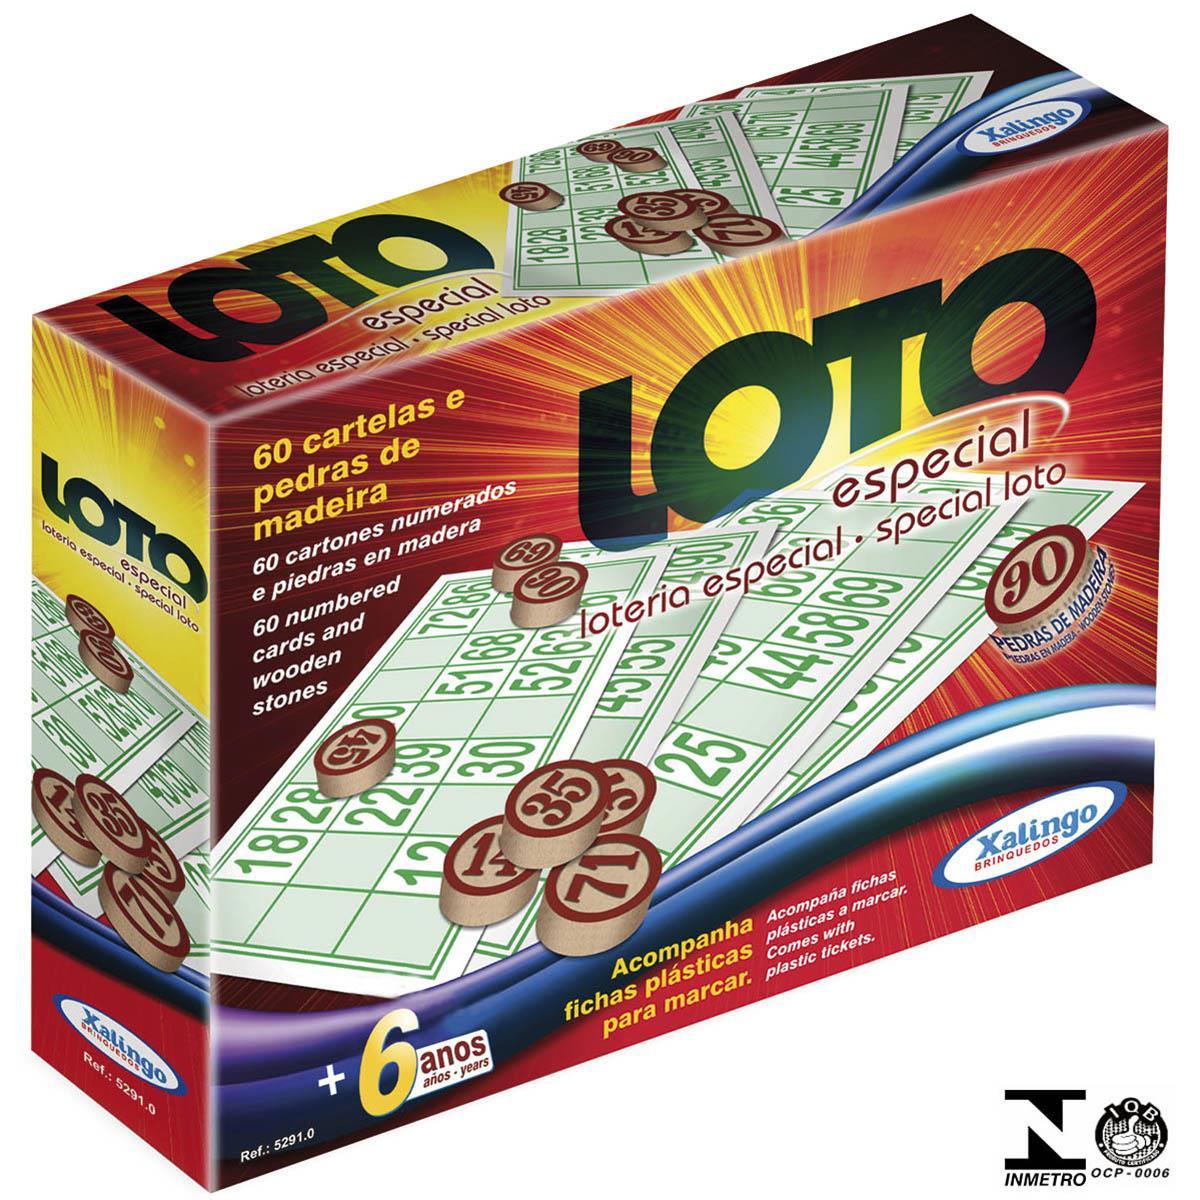 Jogo Loto Especial 60 Cartões Ref. 52910 Xalingo